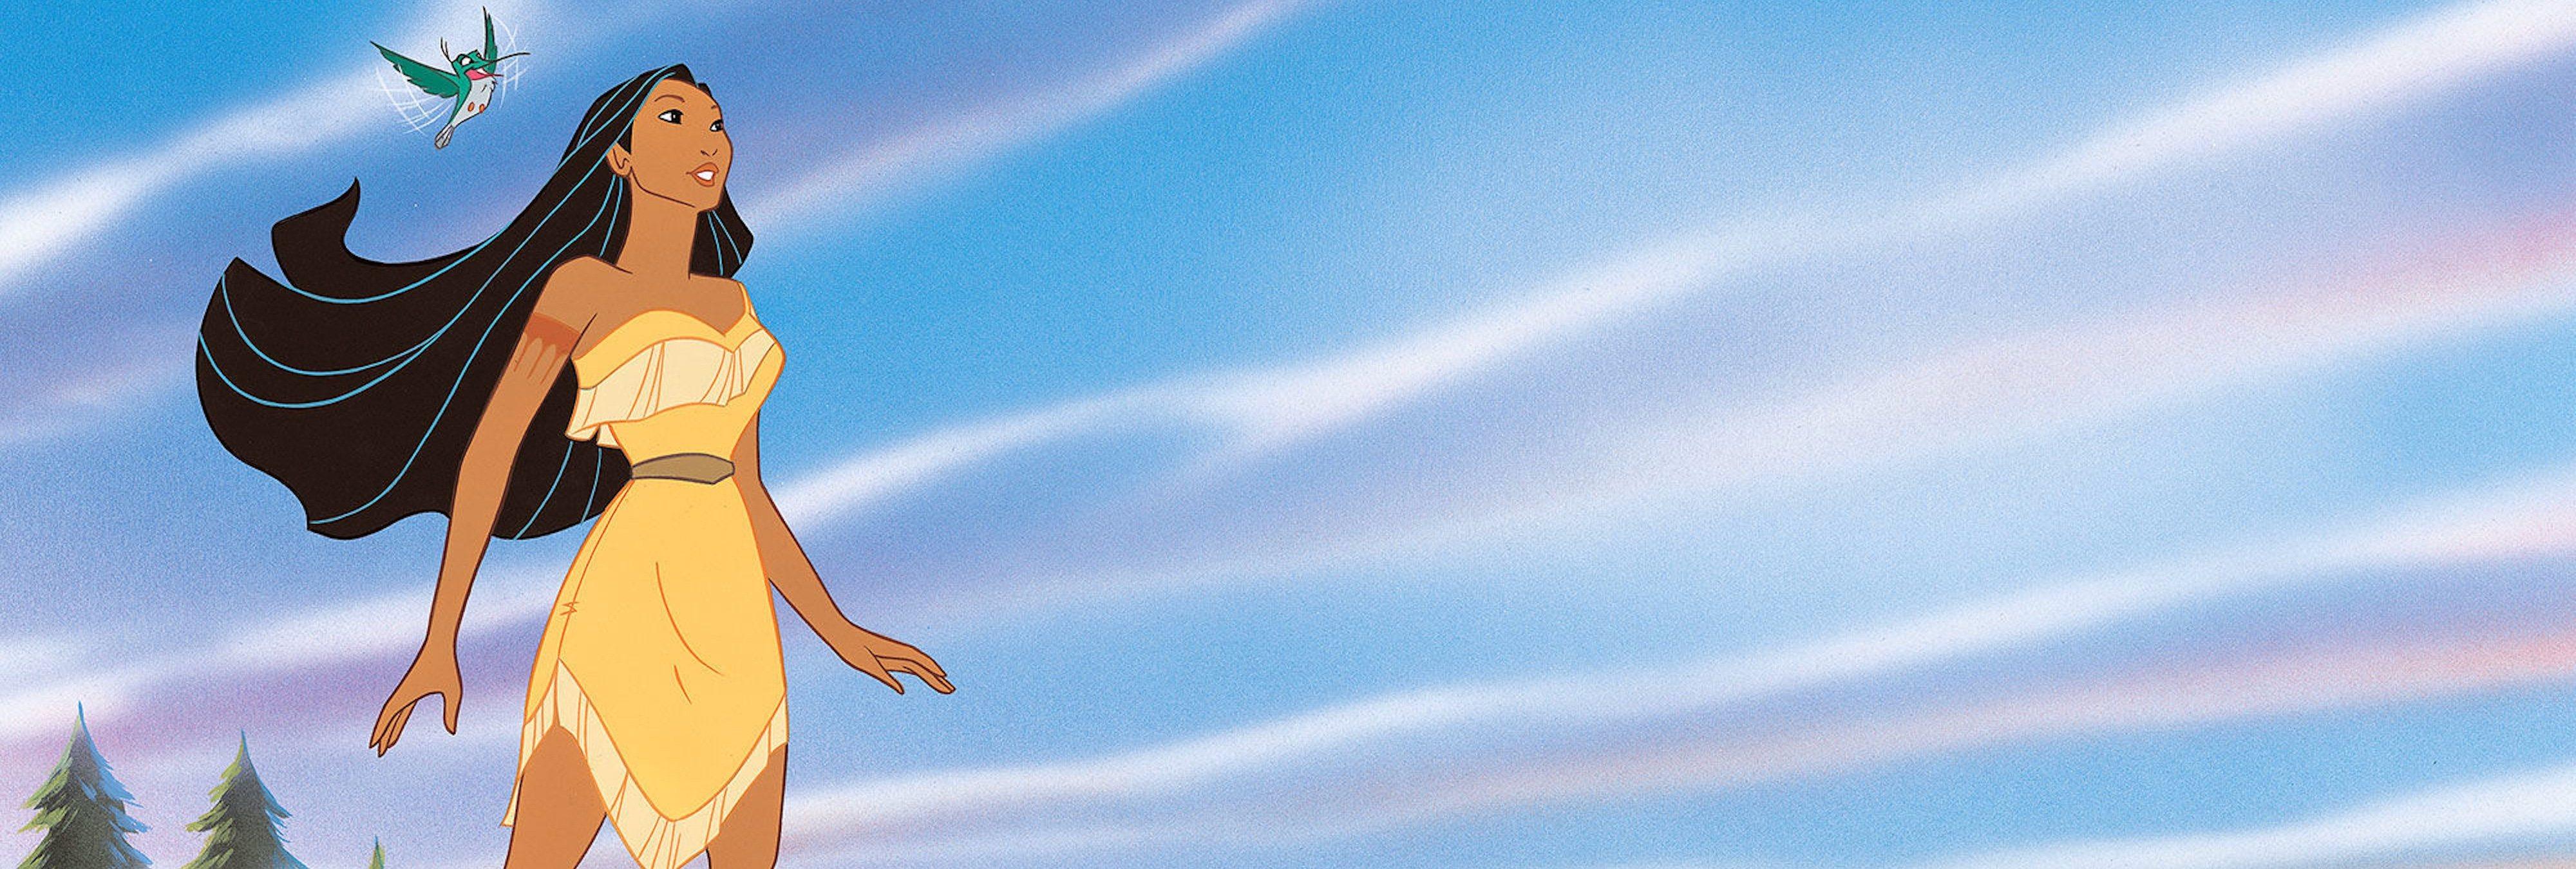 Las 8 mentiras de Disney para limpiar sus clásicos de hechos traumáticos